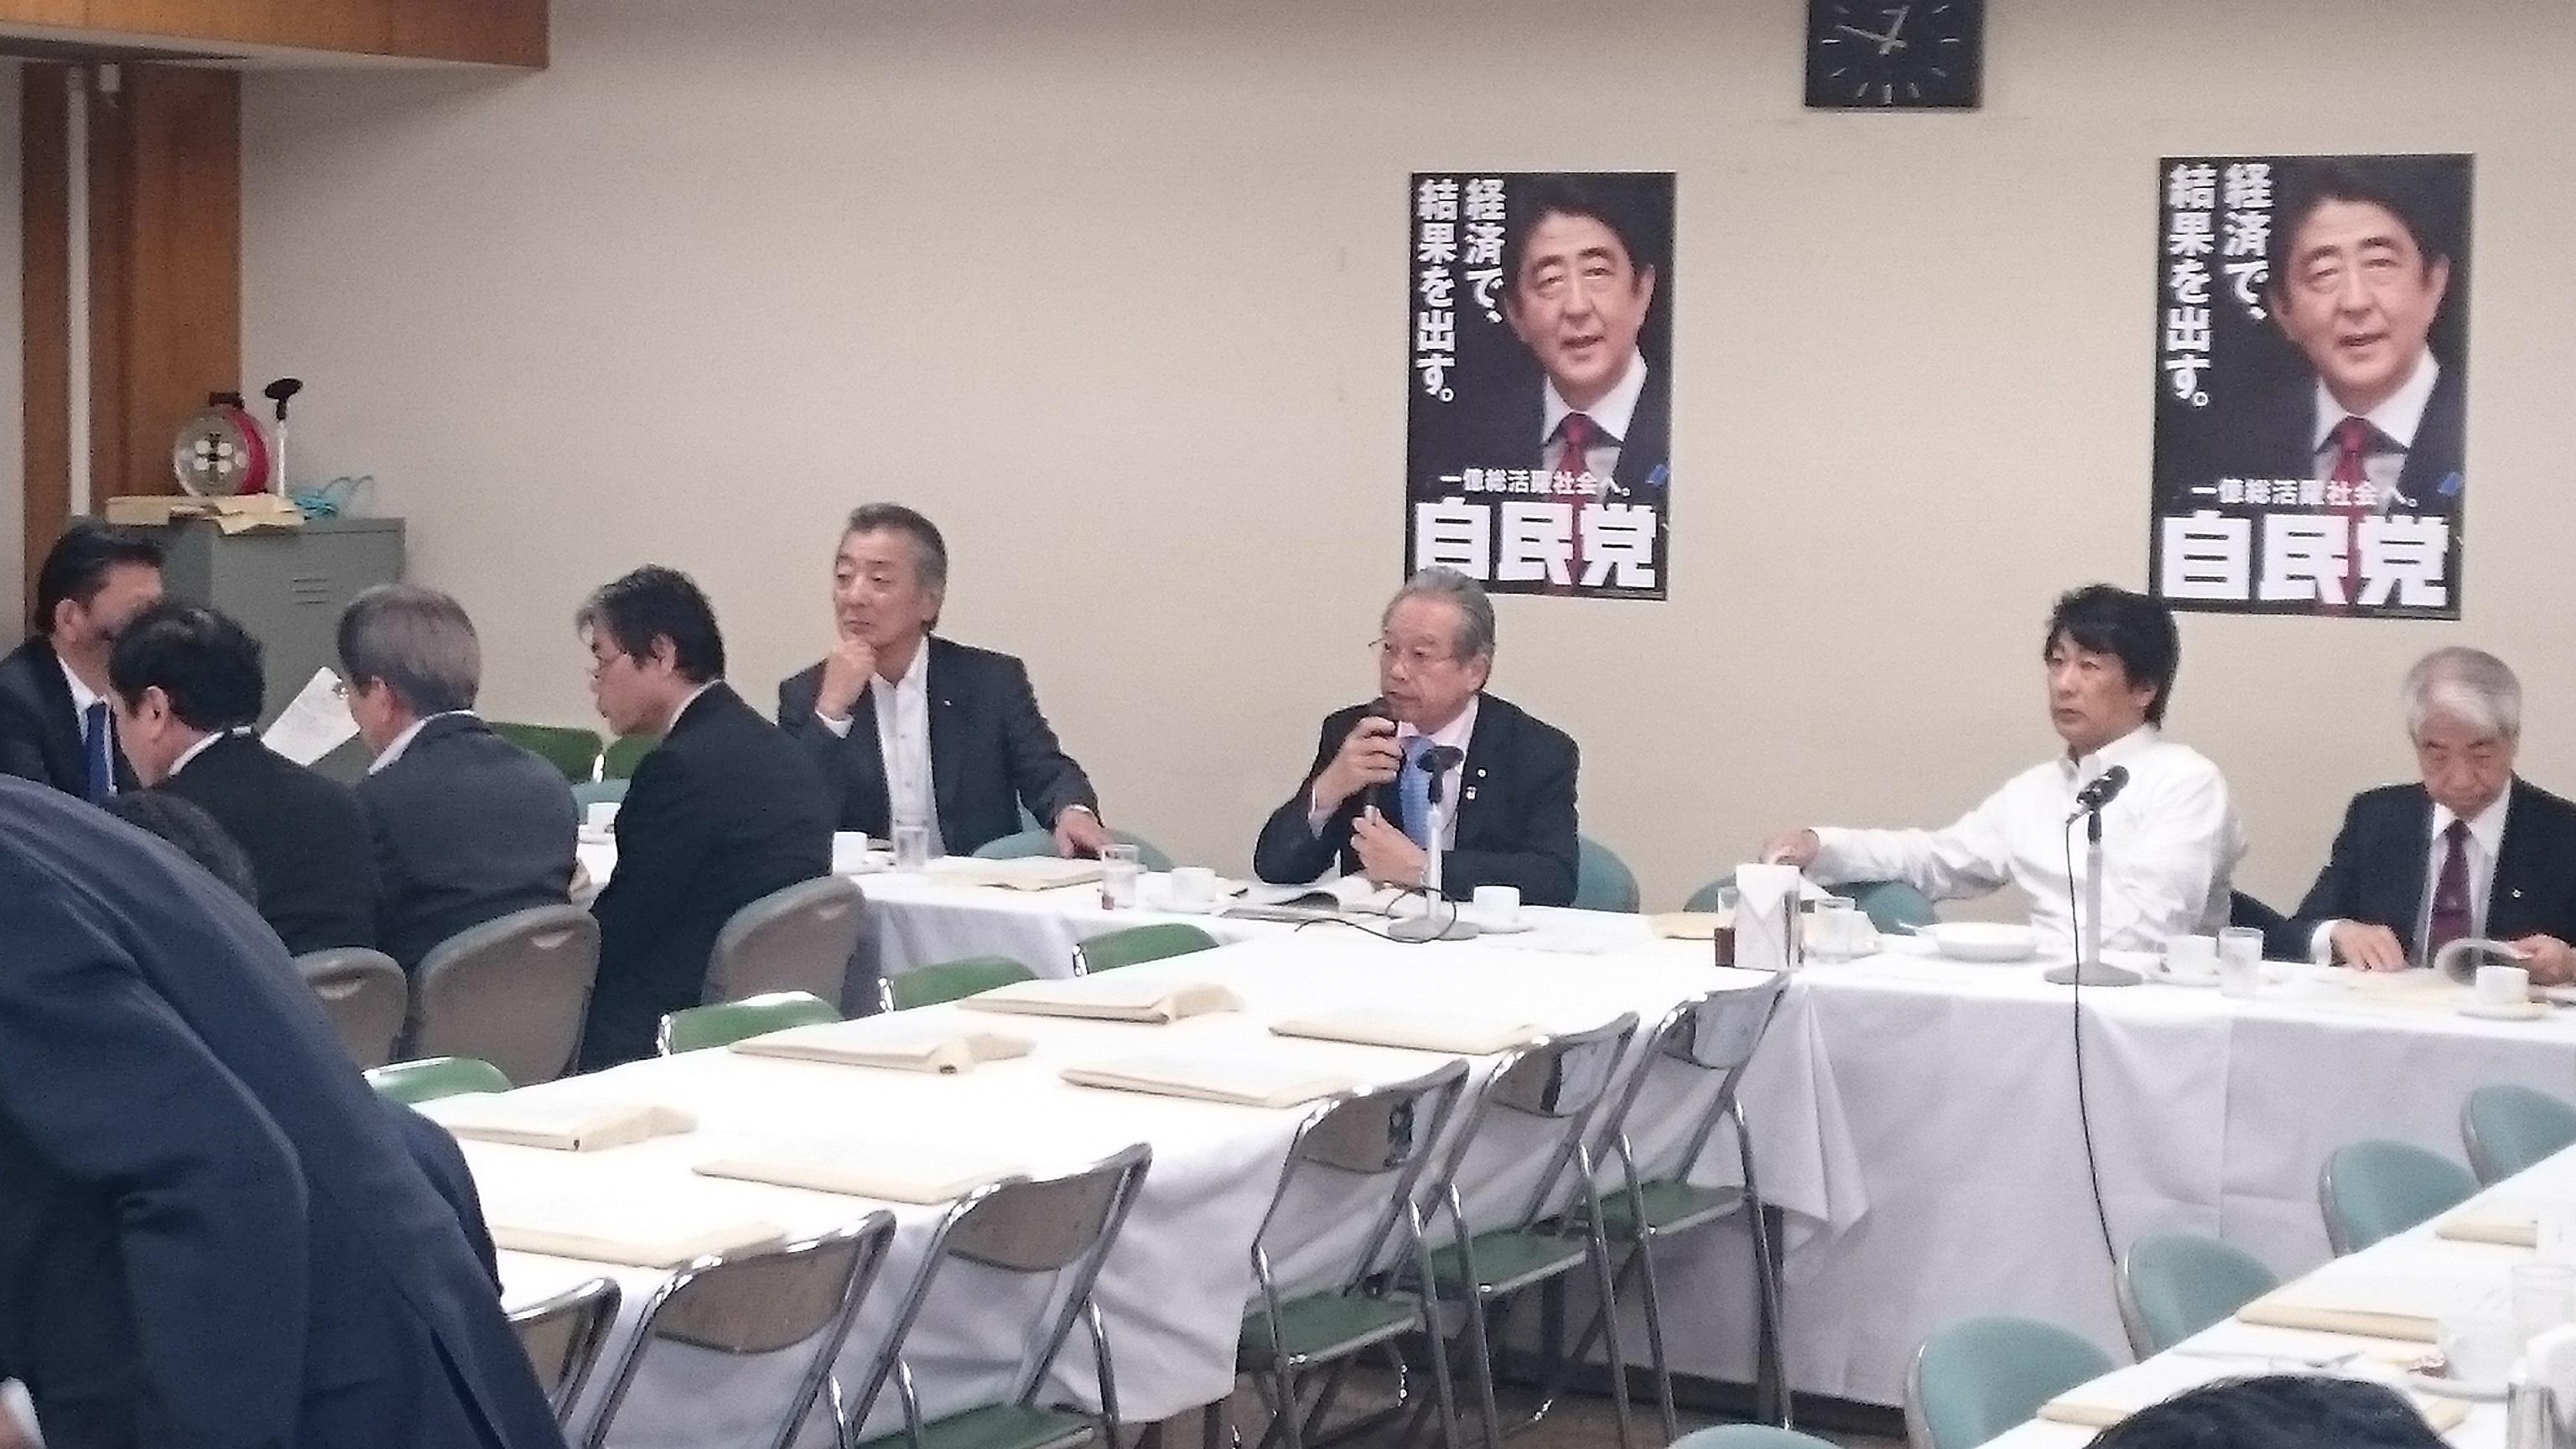 自民党 厚生労働部会 | 羽生田たかし(はにゅうだ たかし) オフィシャルサイト